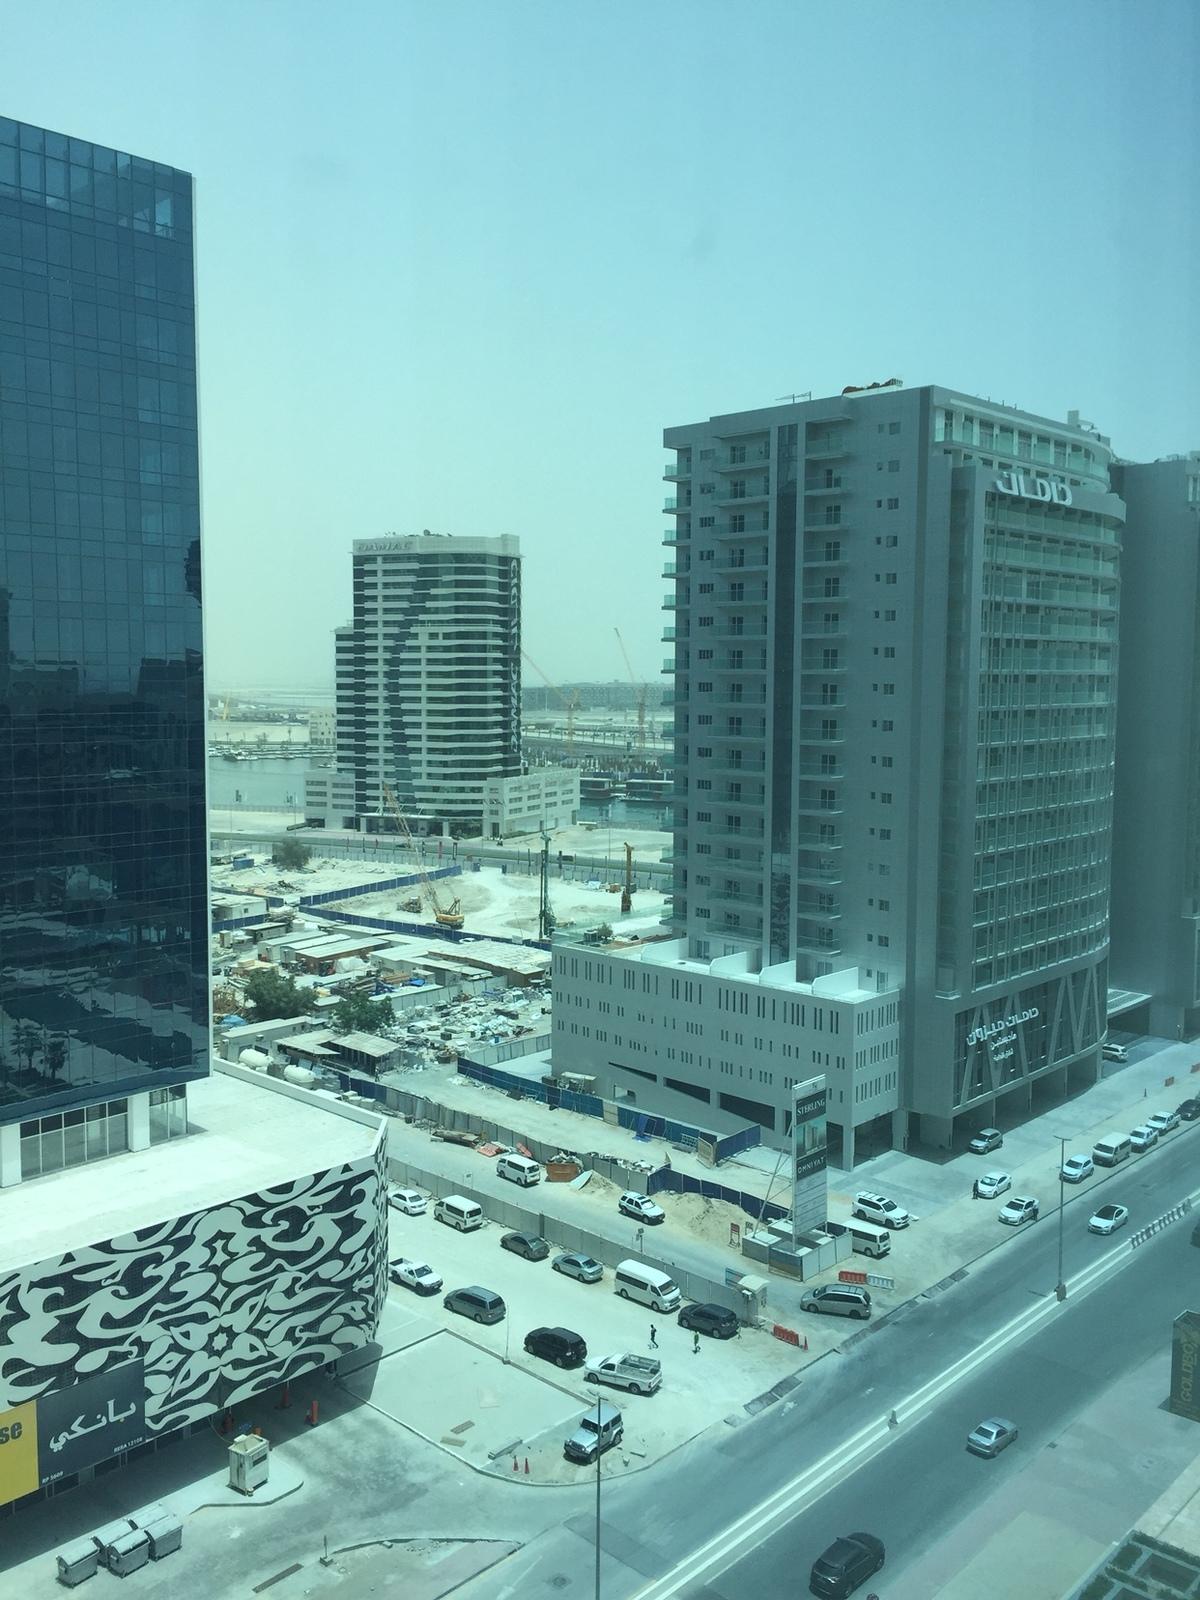 661697 المسافرون العرب دبي مدينة الجميرا